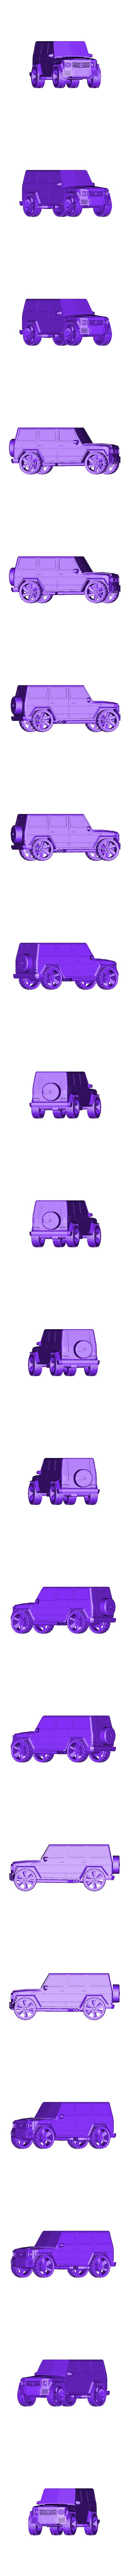 gwagon.stl Download STL file G-Wagon • Model to 3D print, STRIX_3D